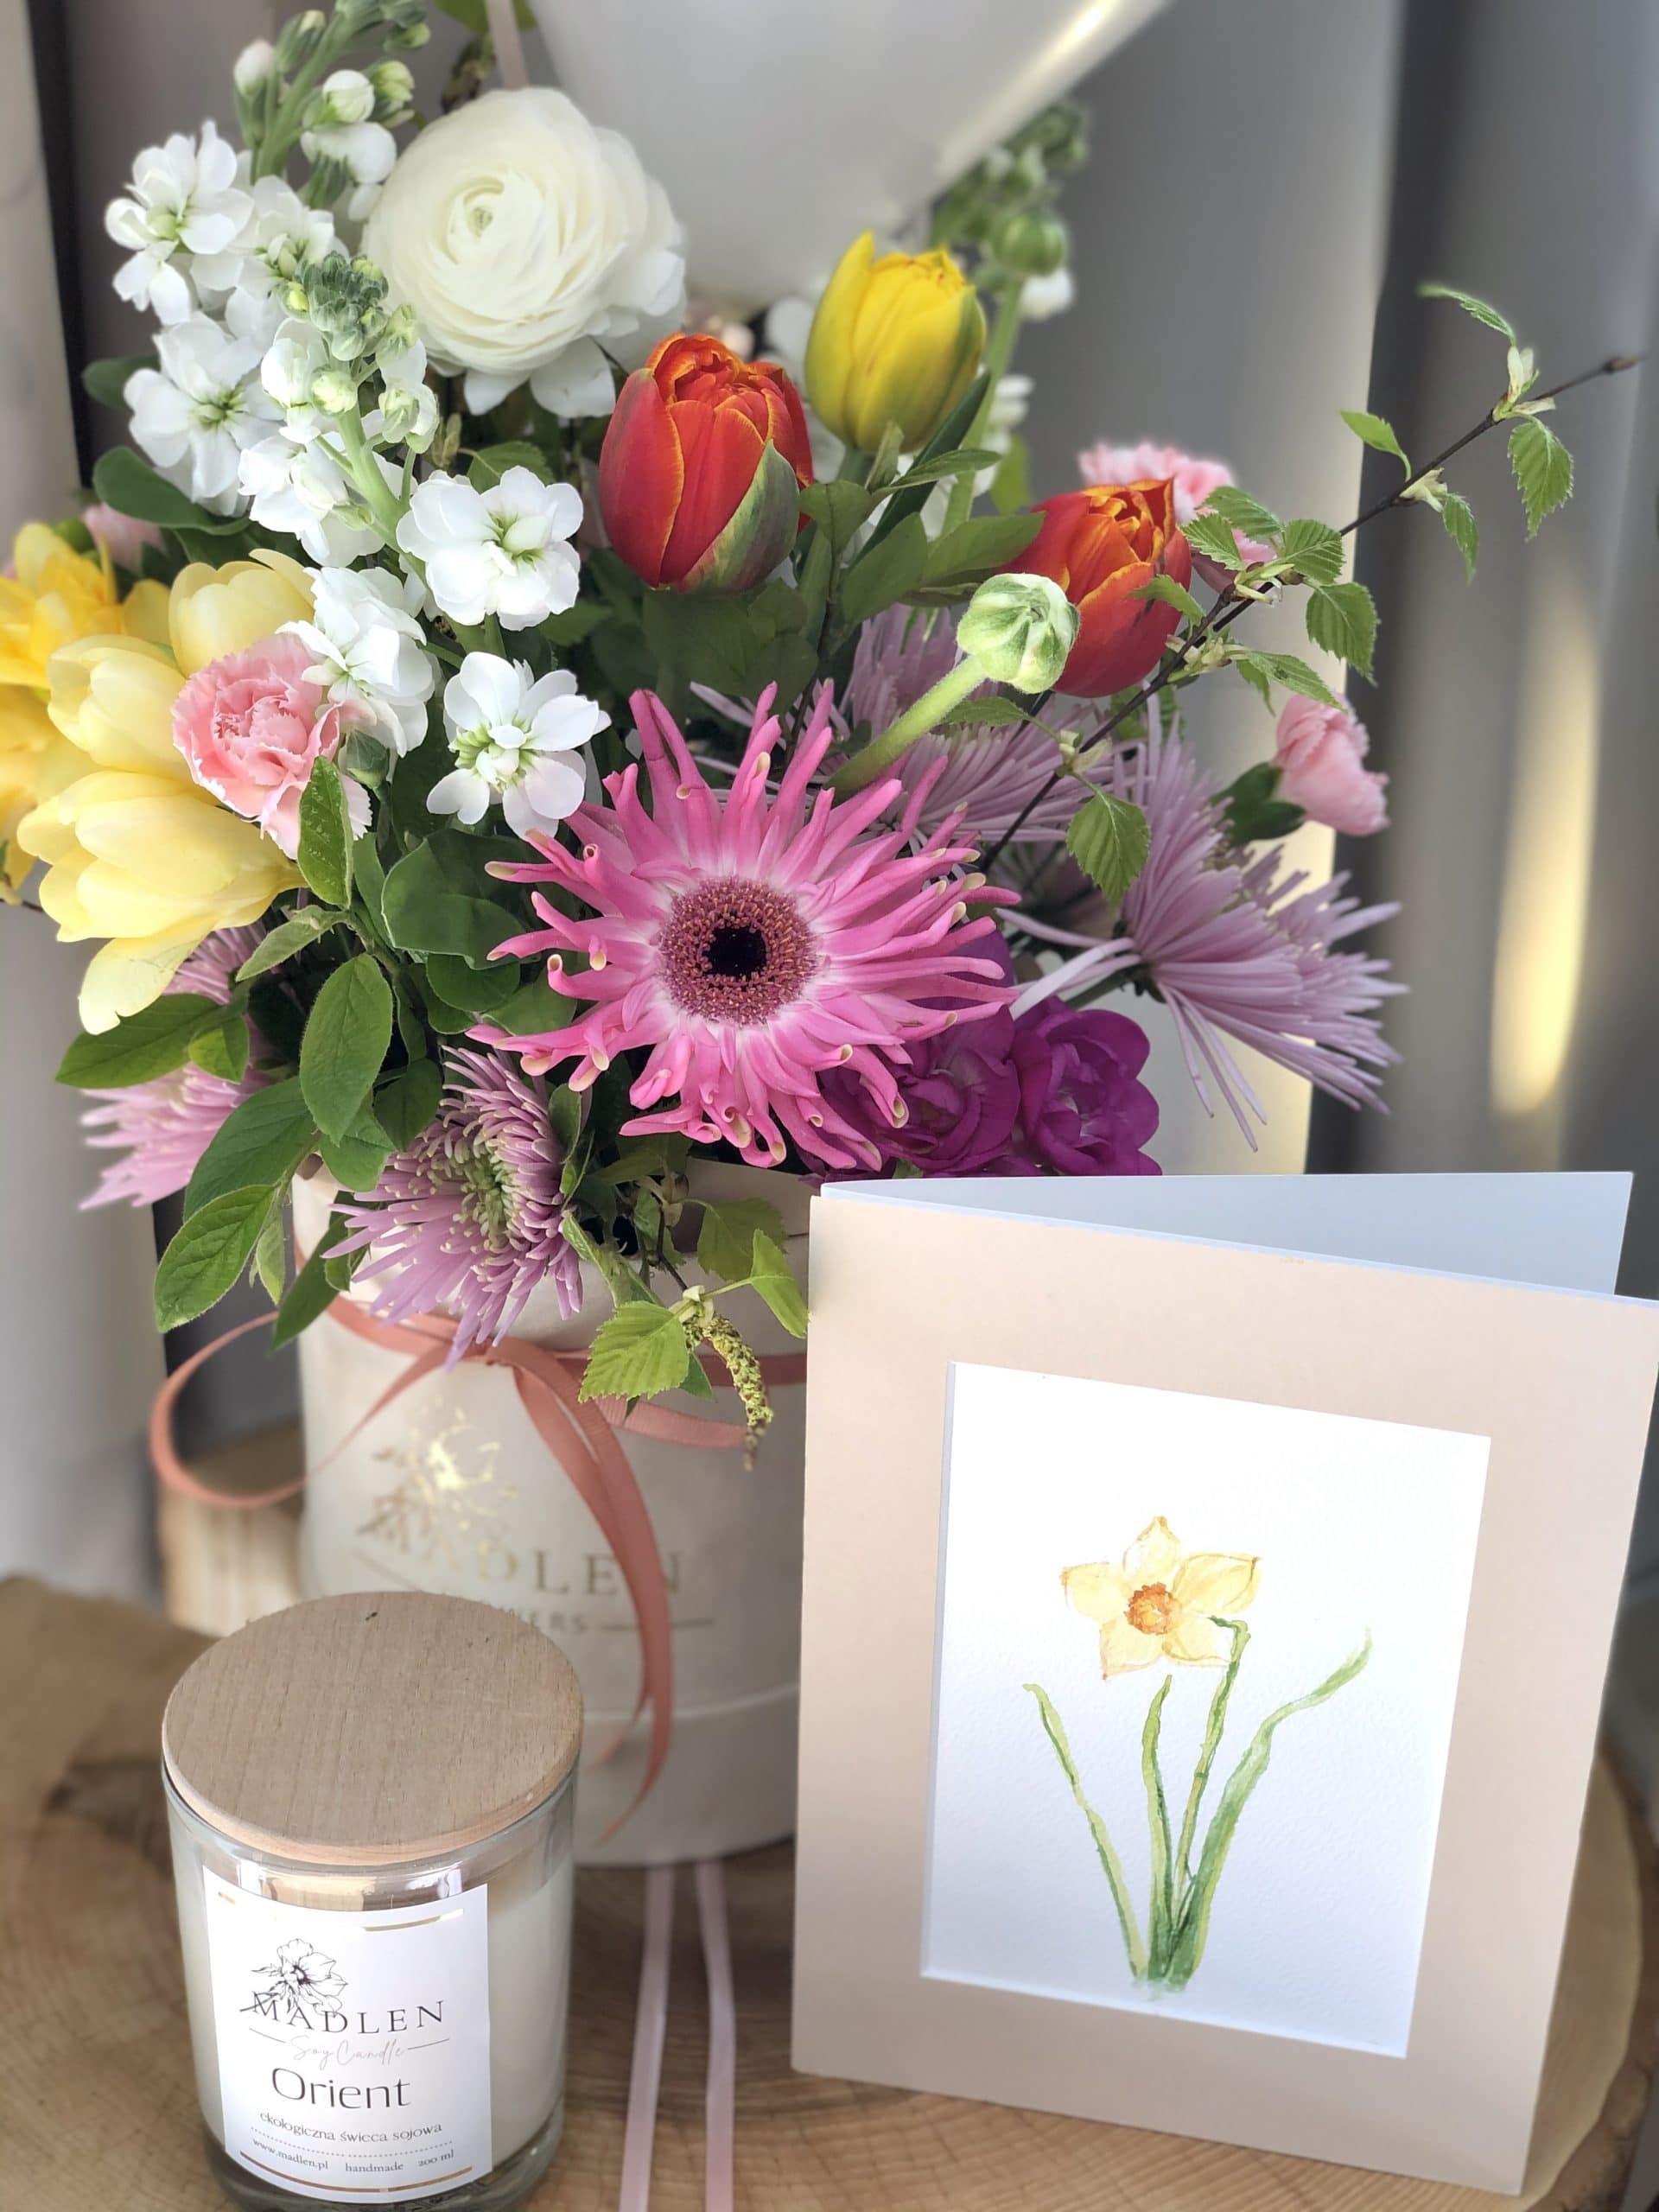 Zestaw urodzinowy – flowerbox kolorowy, kartka, balony, świeca